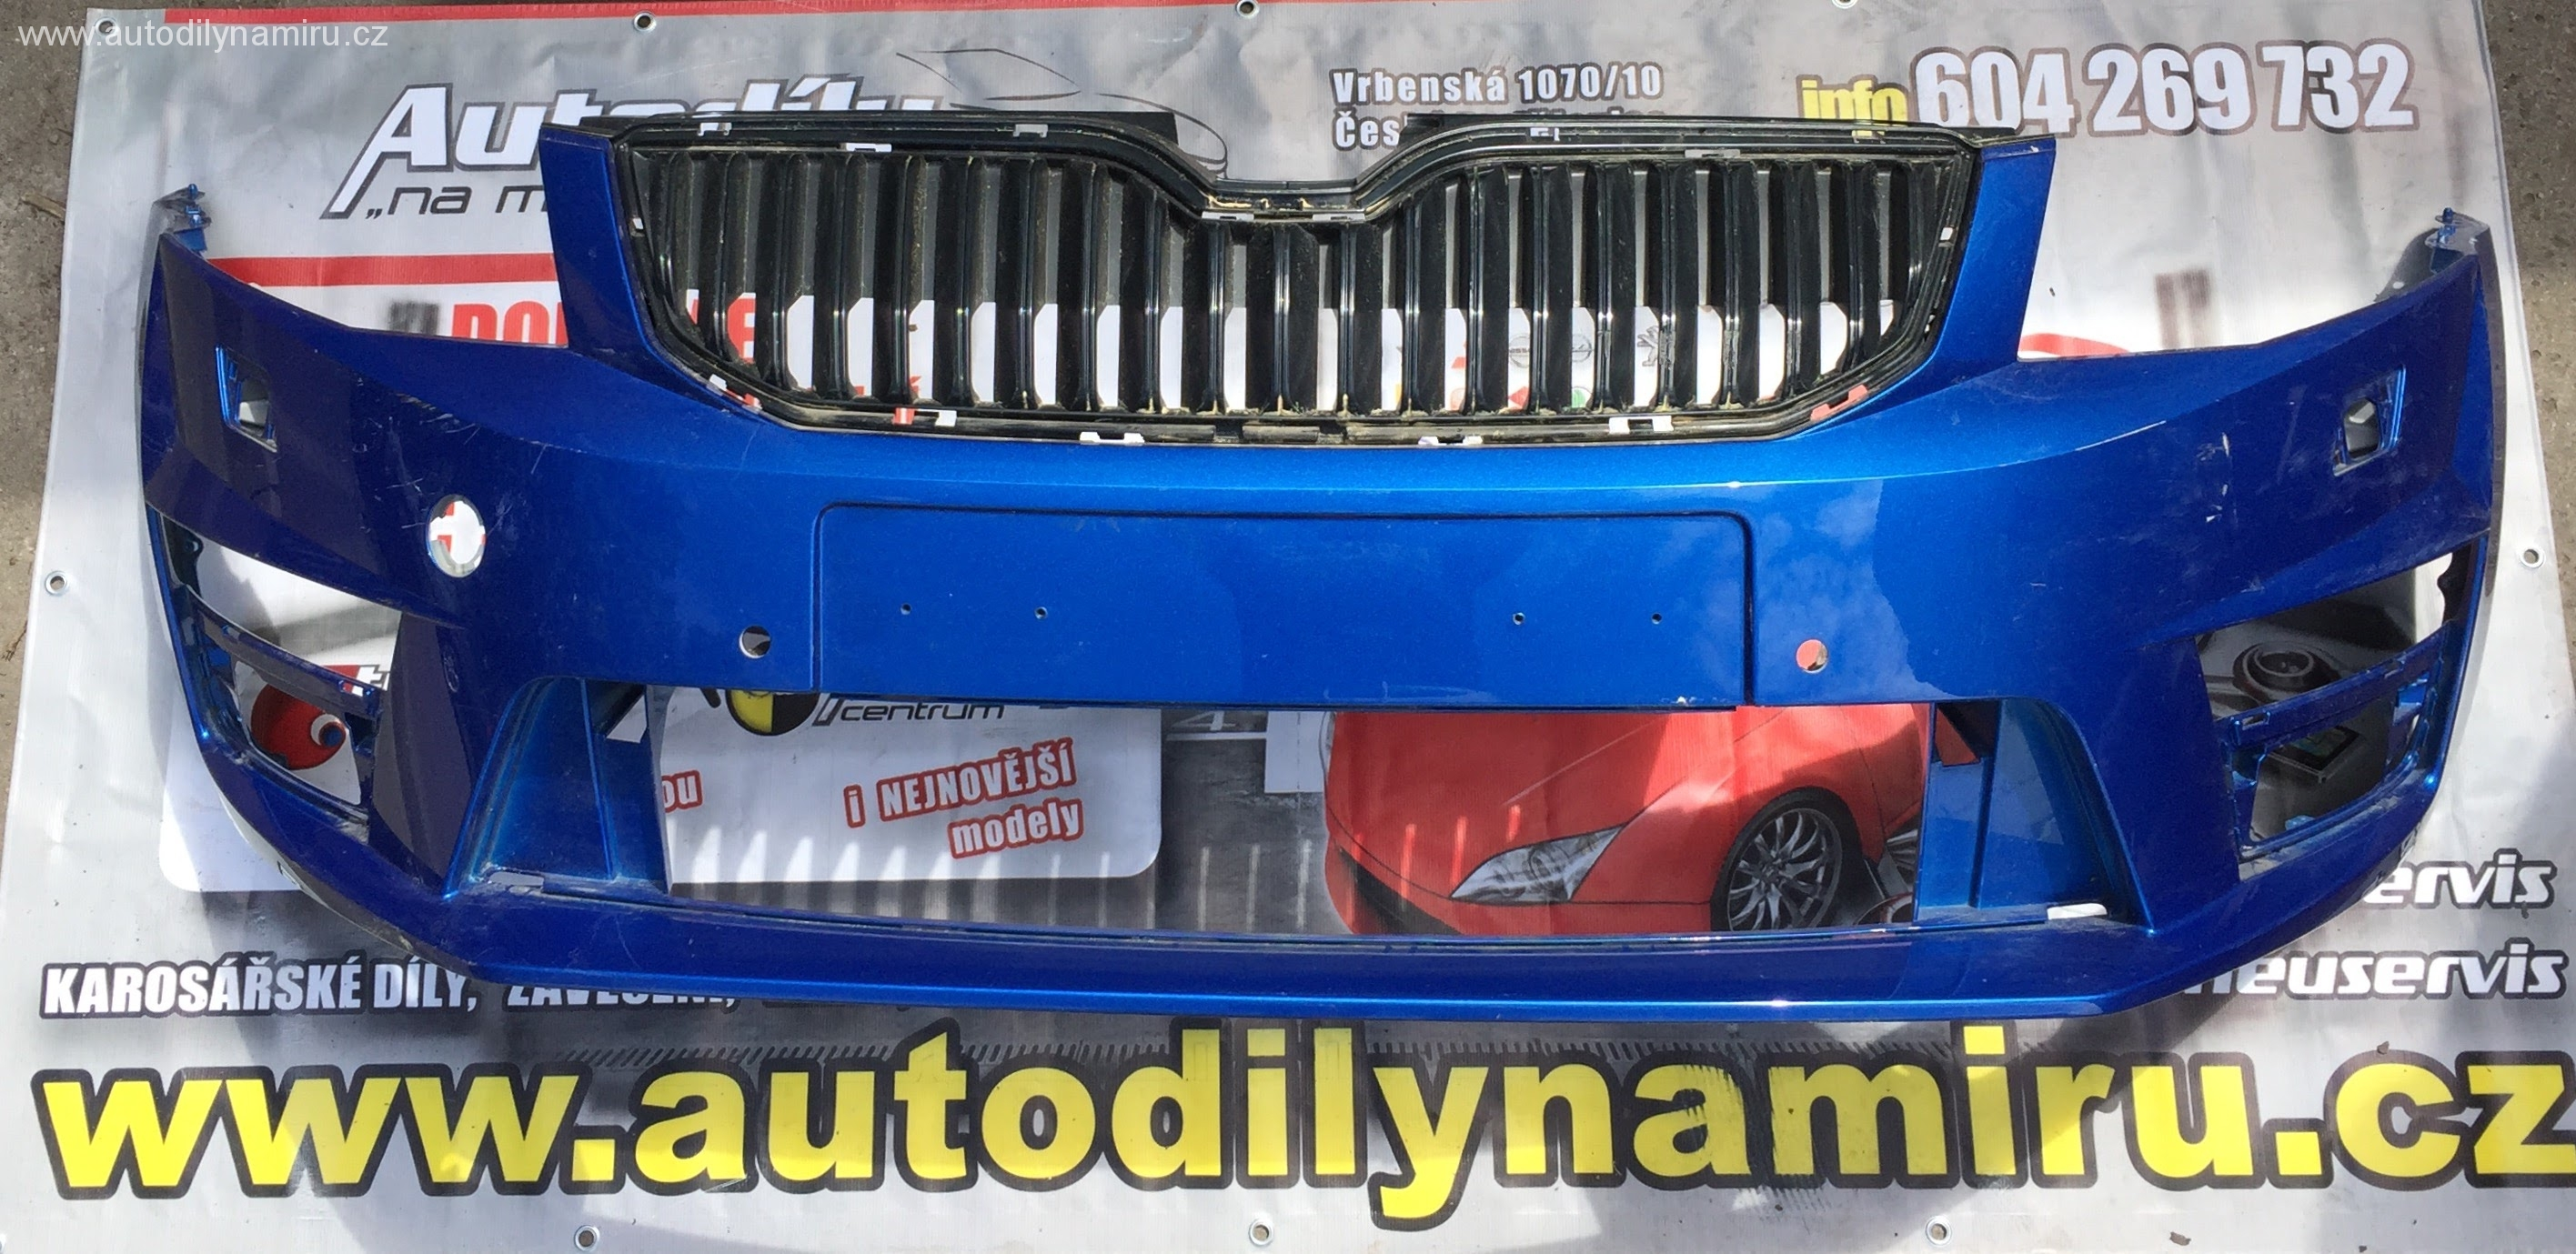 Škoda Octavia III RS , přední nárazník, příprava na PDC a osřikovače